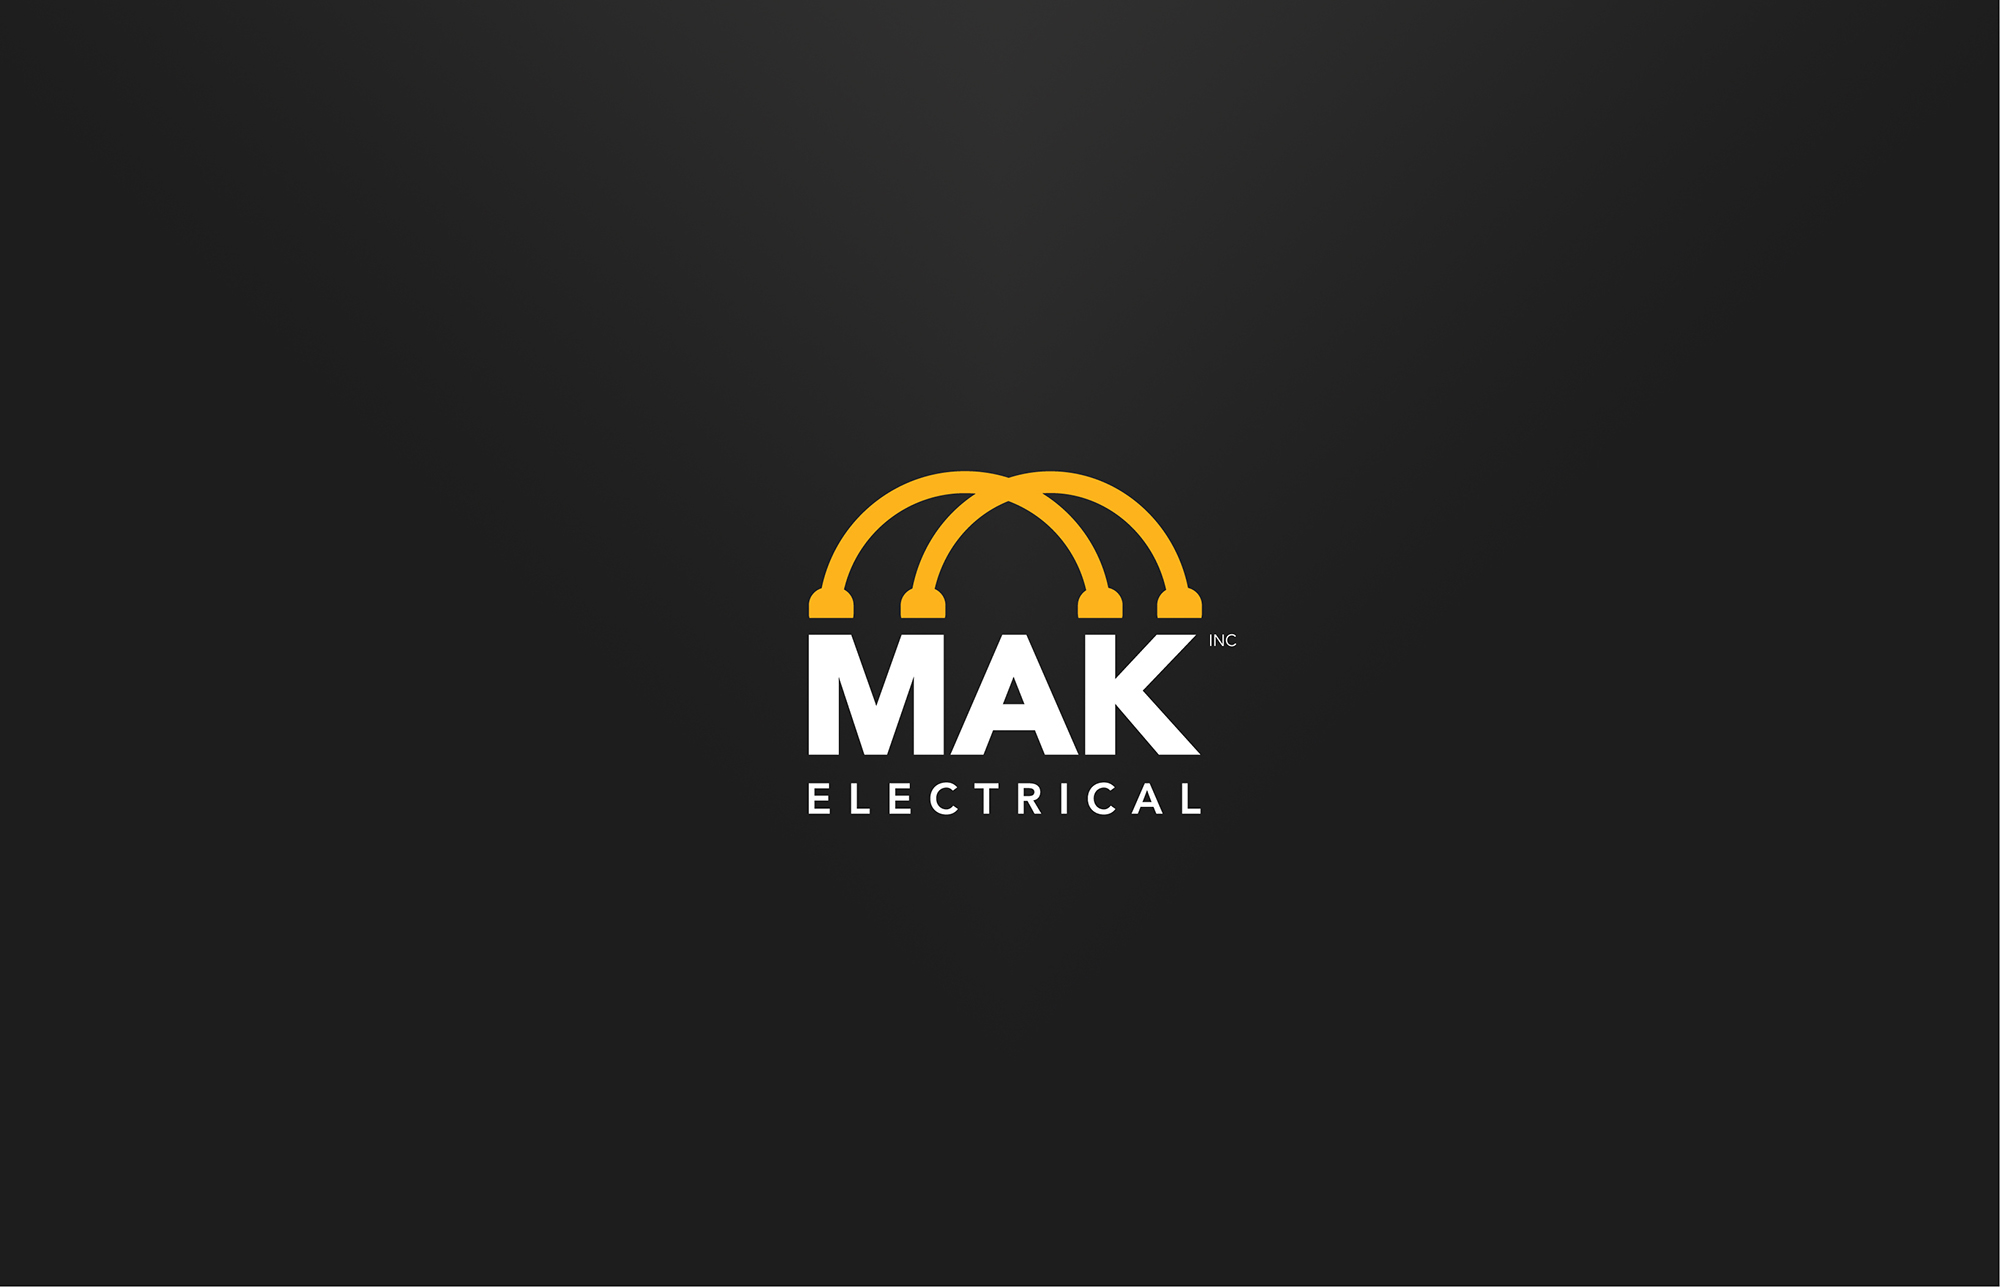 MAK_Electrical_Logo.jpg